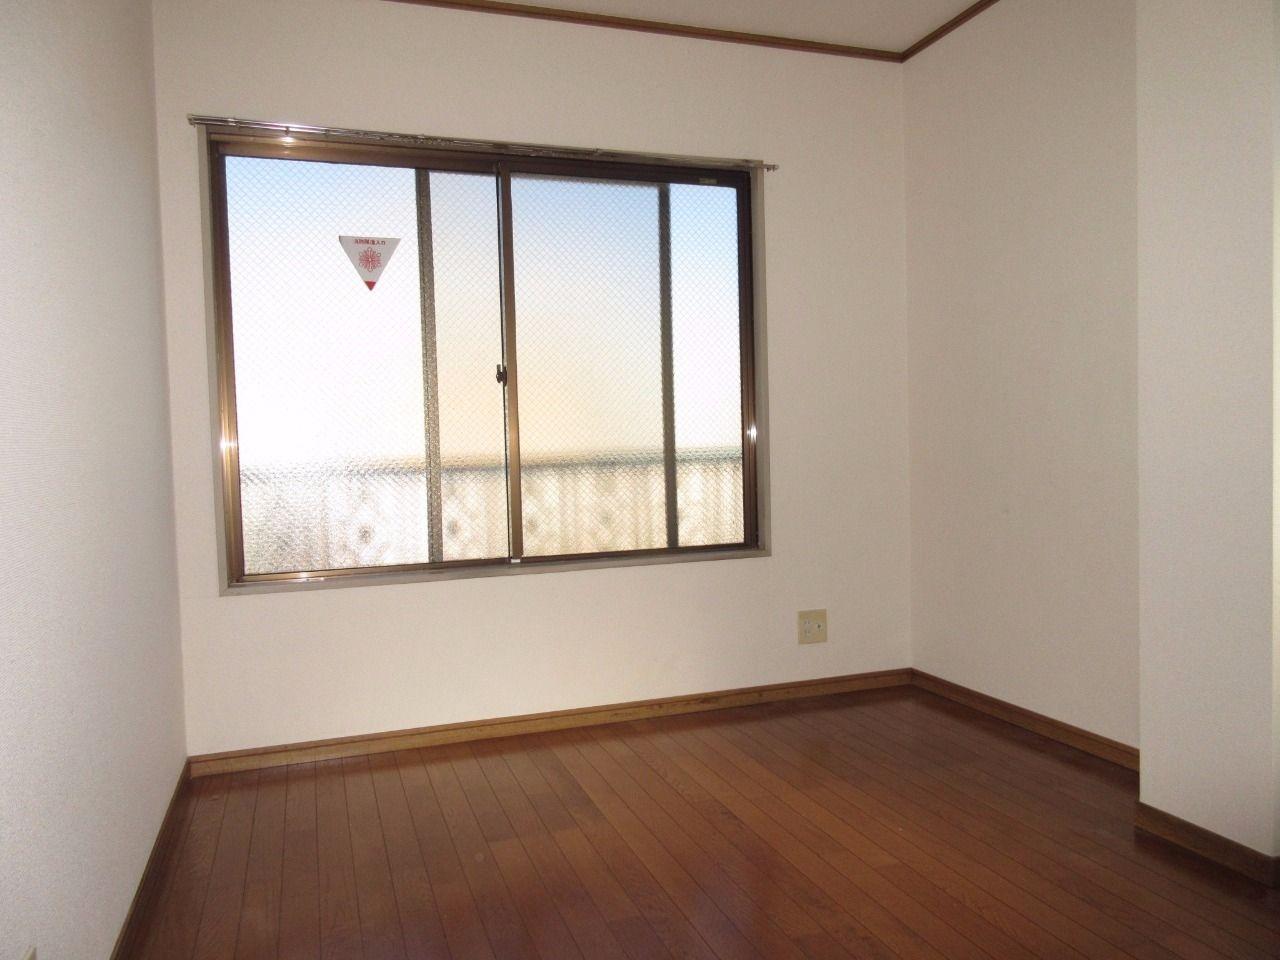 北側のお部屋ですが、2つの窓があるため明るく、夏場は涼しいです